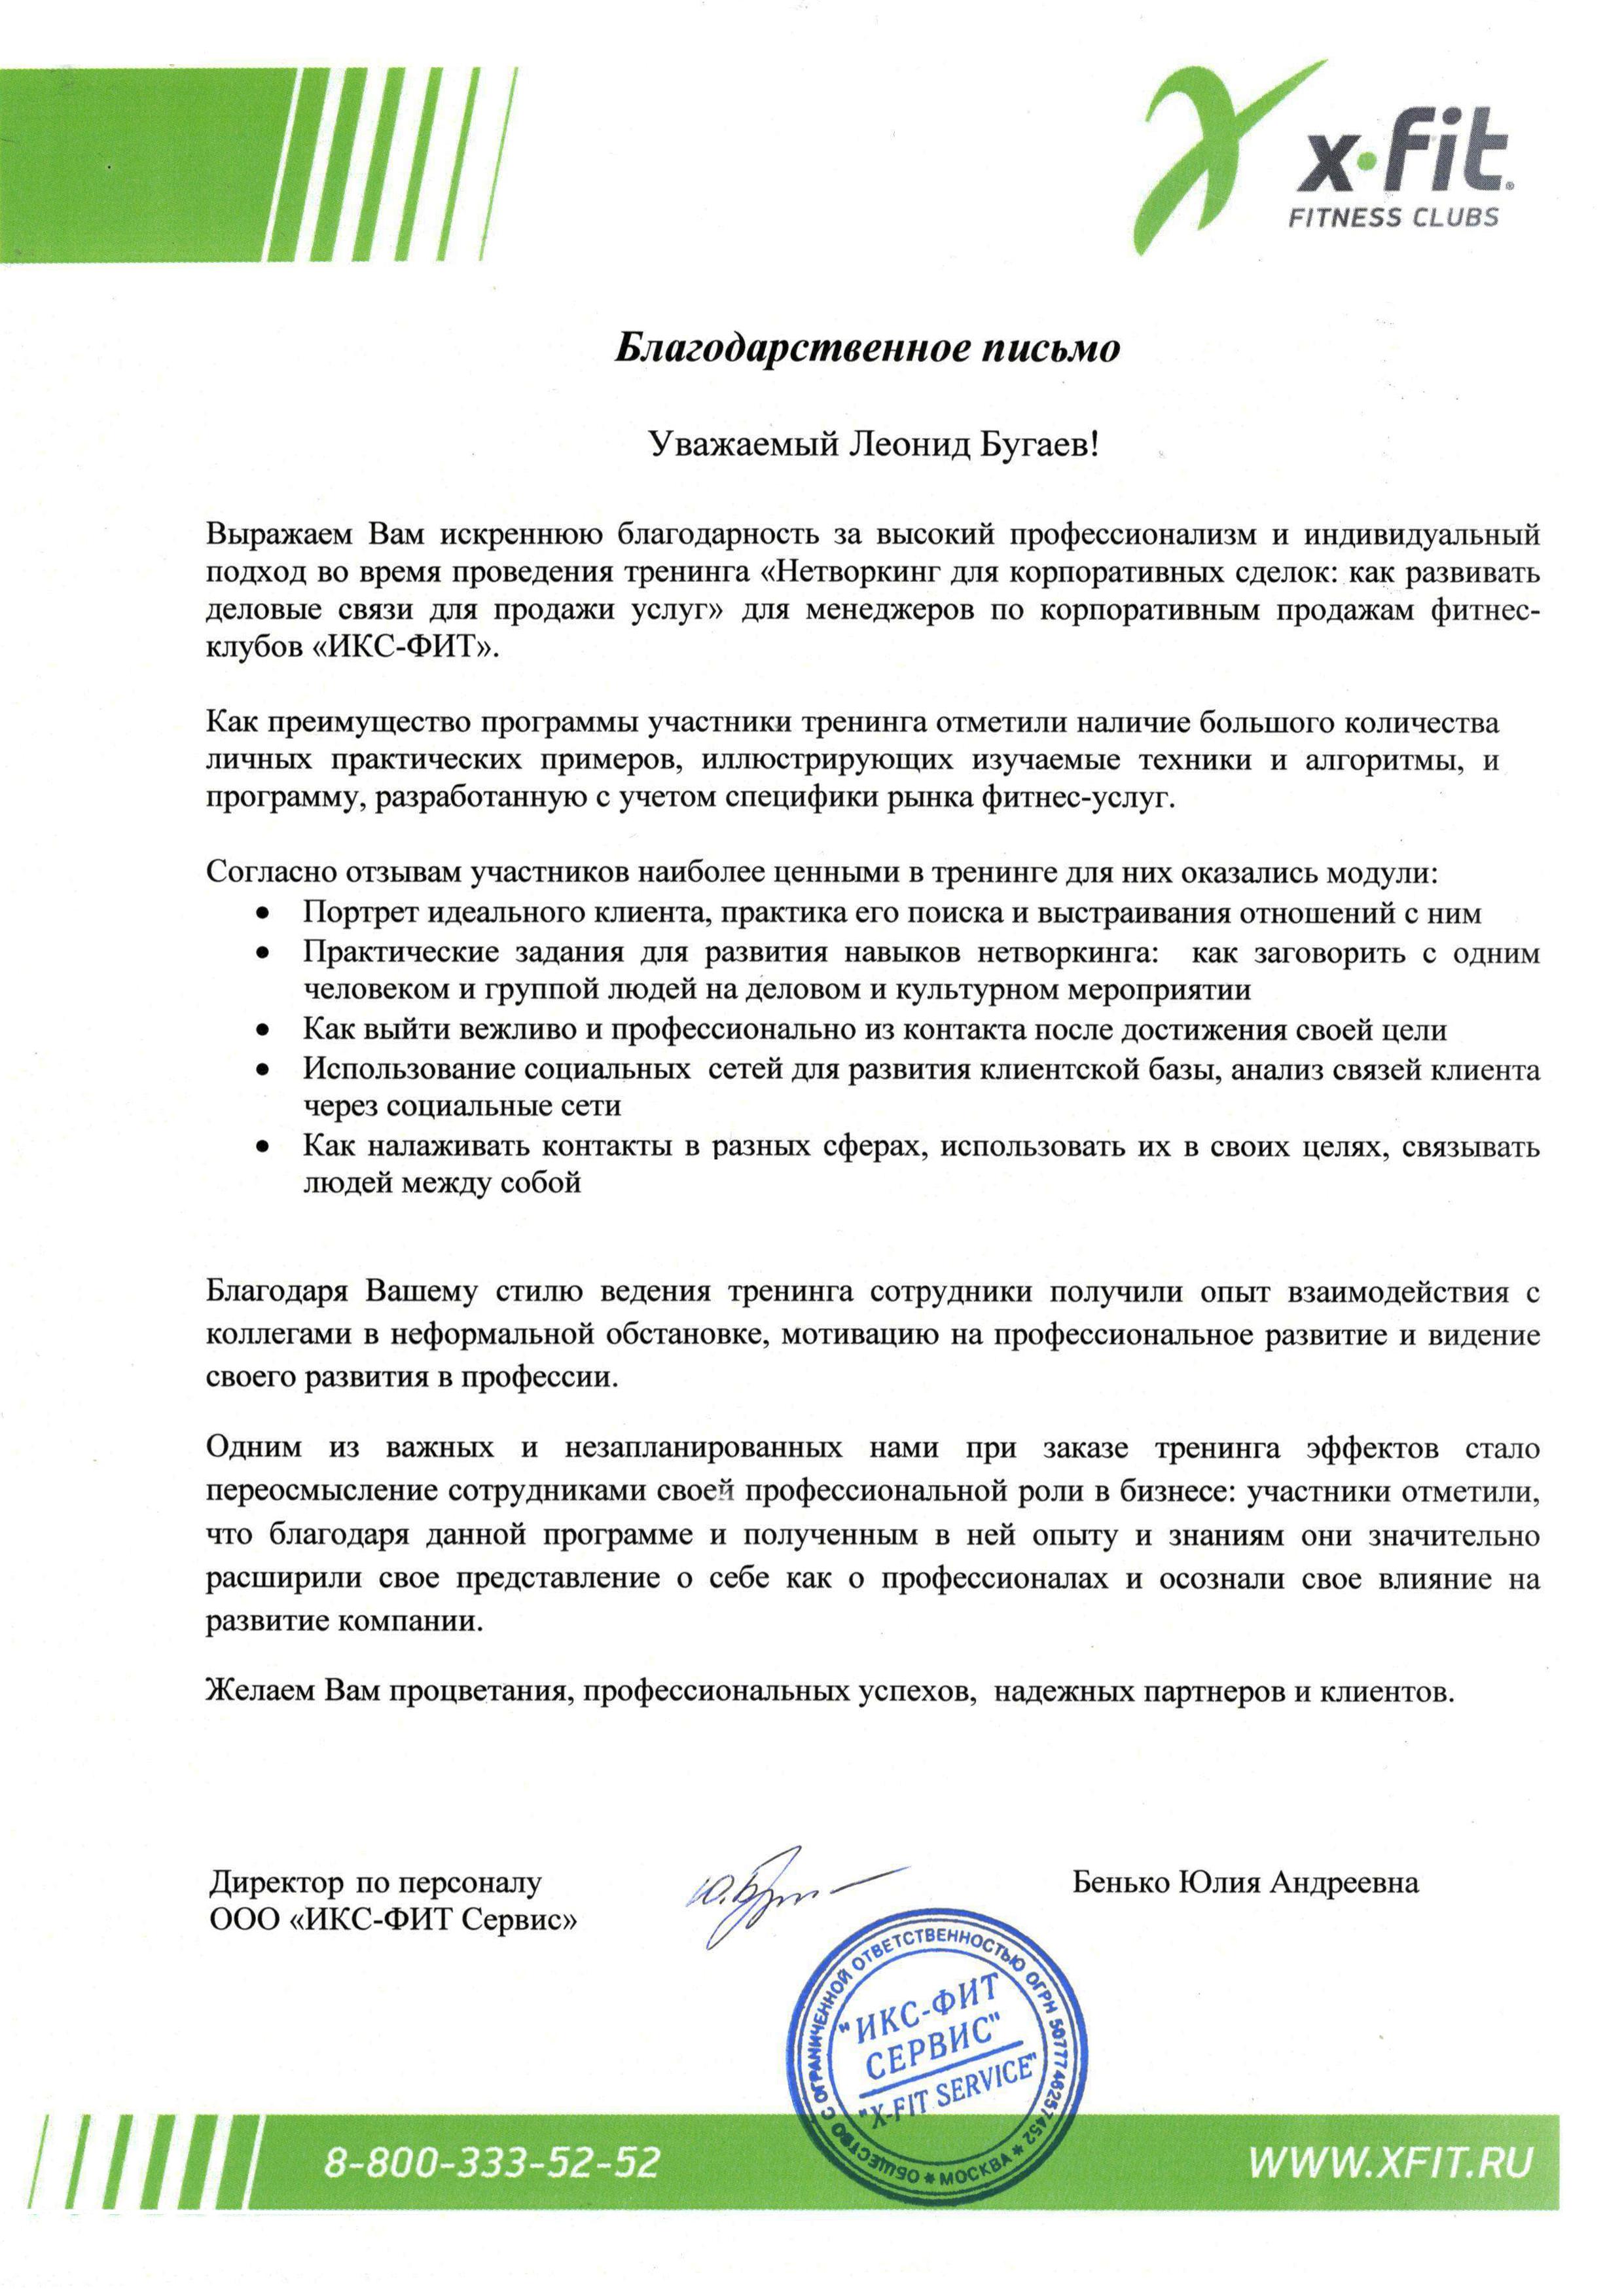 Благодарность Леониду Бугаеву от сети X-Fit